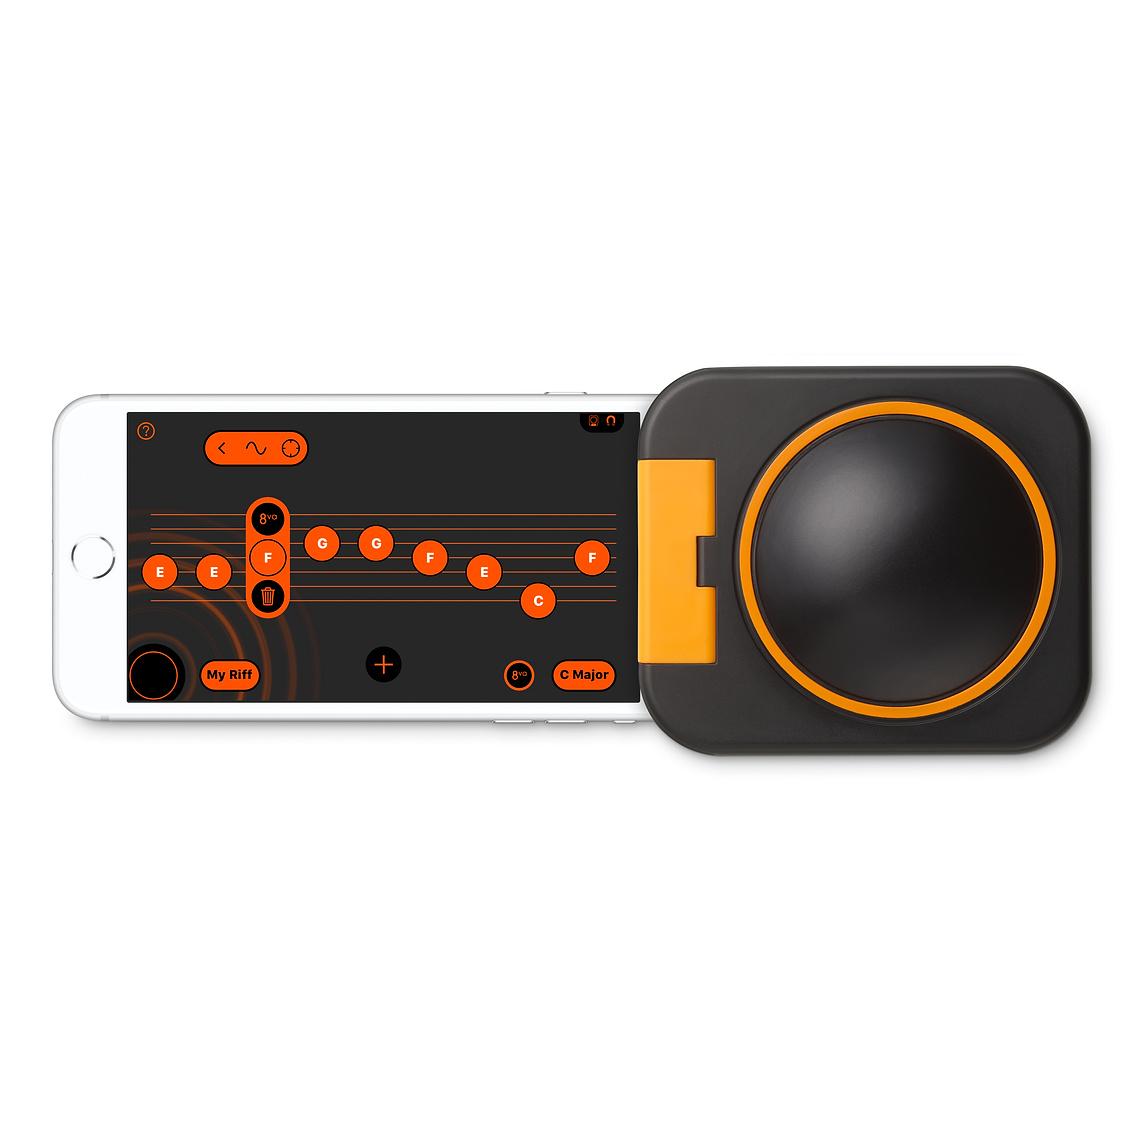 Ein weißes Smartphone zeigt Notenlinien und Noten. Es steckt in einem dunklen Plastikwürfel, der oben einen runden Knopf hat.